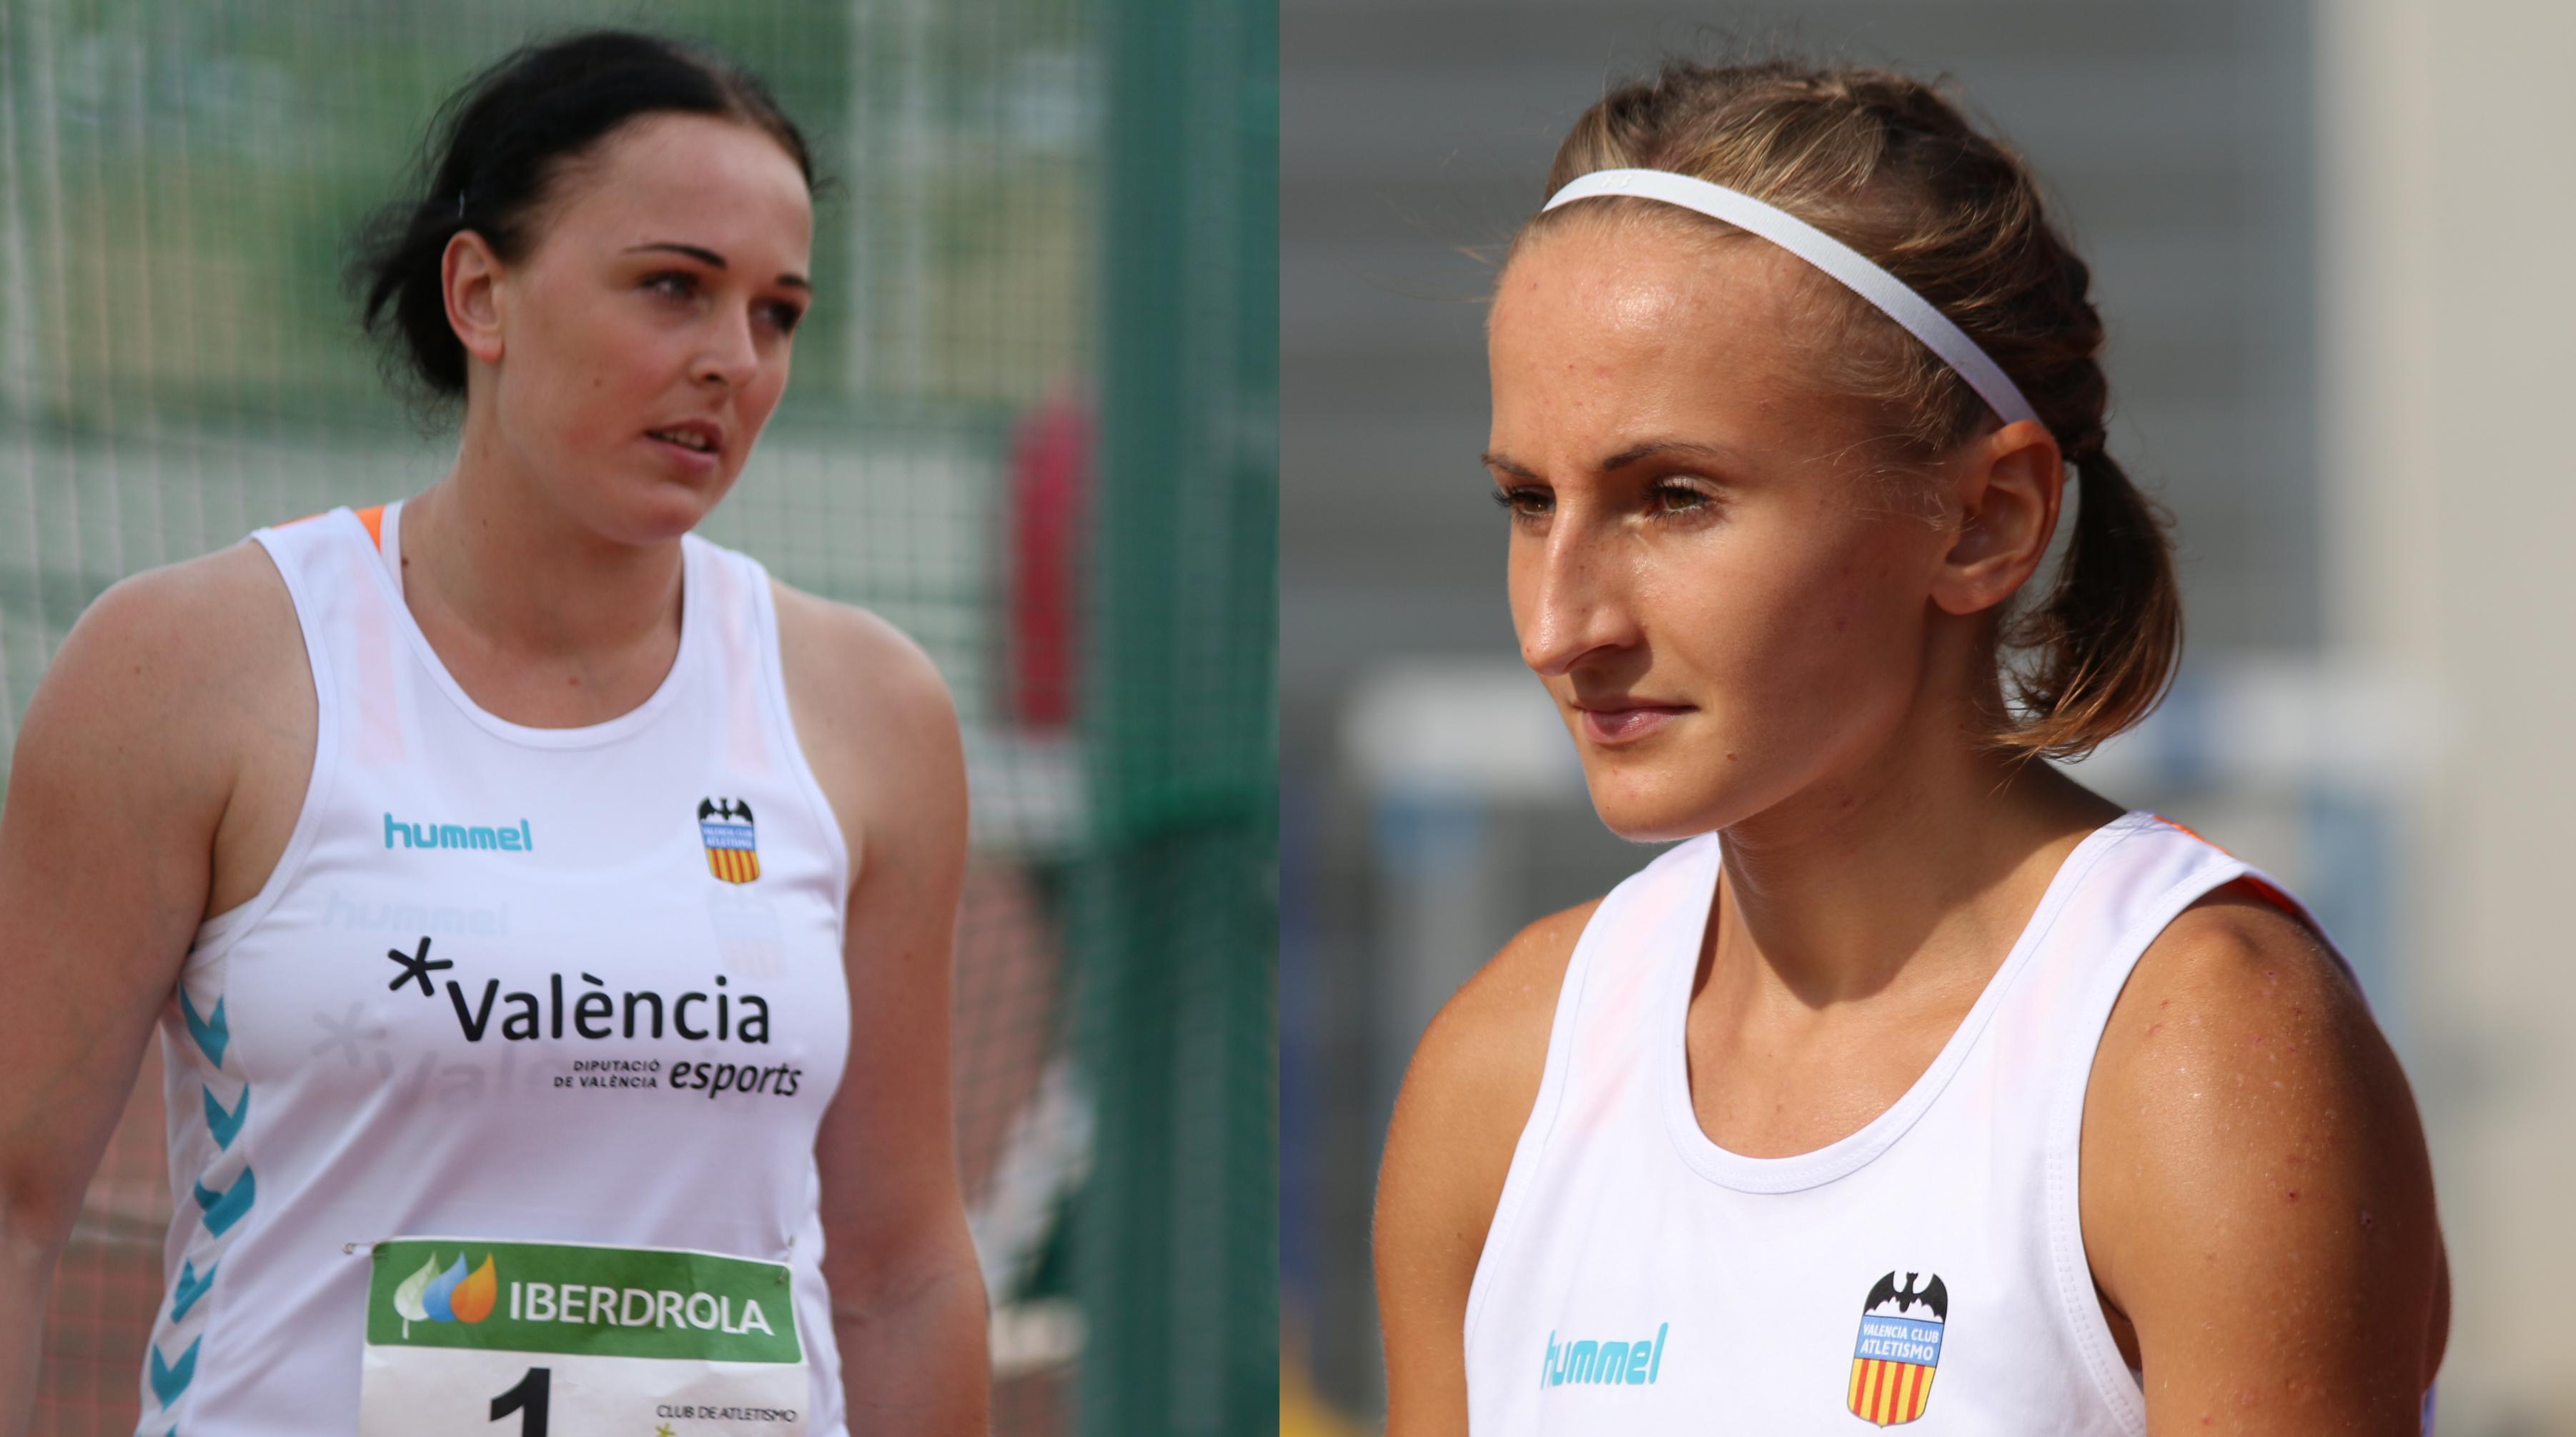 El València Esports, alineación indebida en la Liga Iberdrola